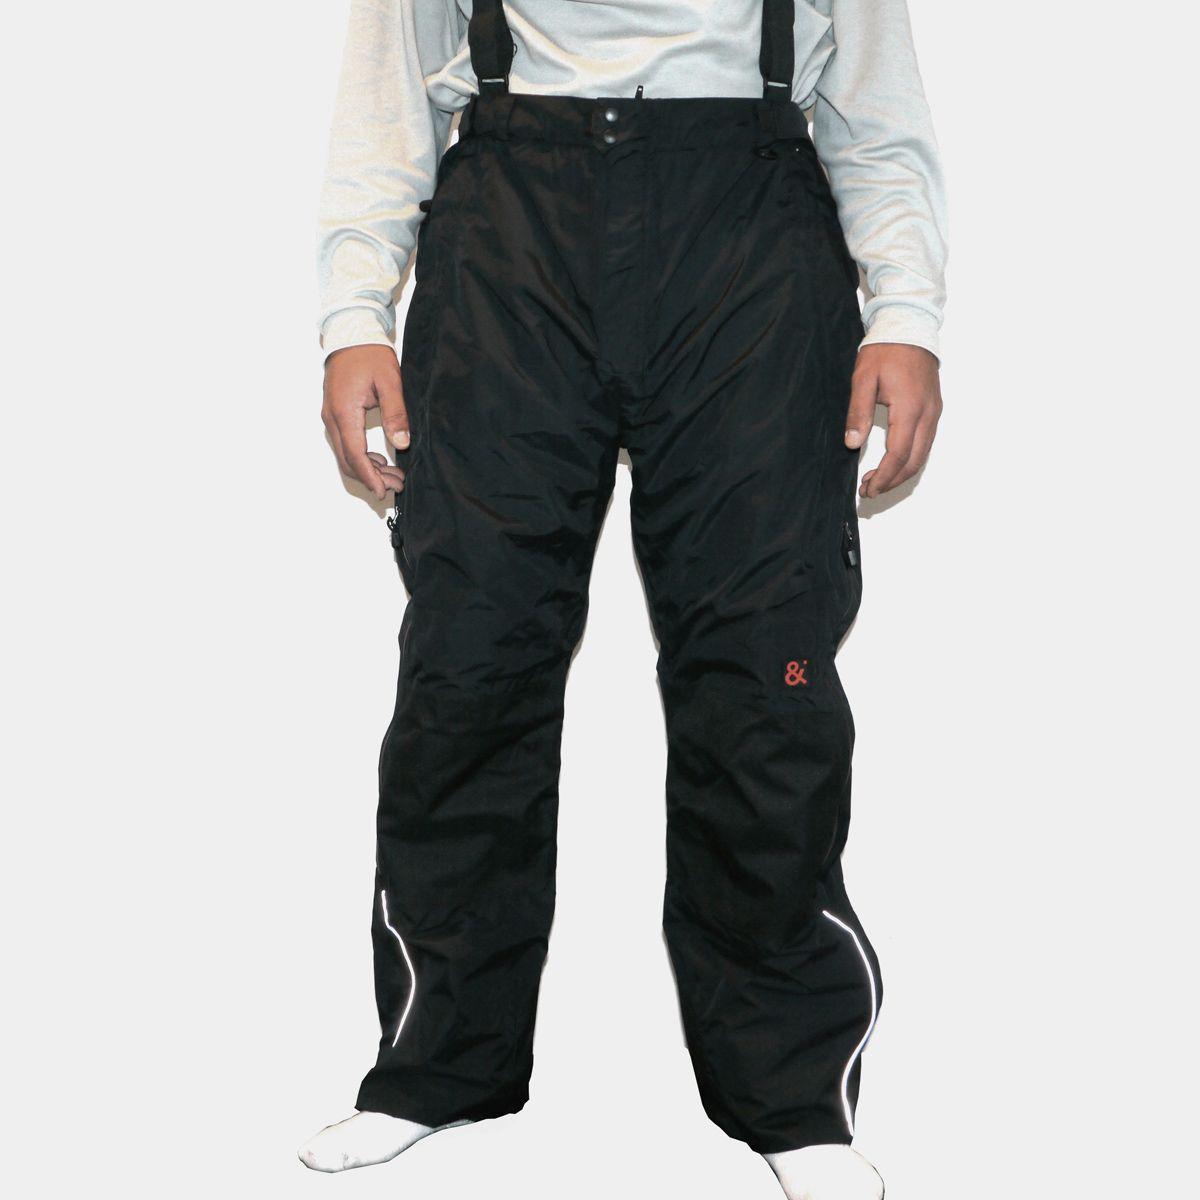 pantalon de ski noir grande taille jusqu 39 au 9xl size factory marc and mark. Black Bedroom Furniture Sets. Home Design Ideas